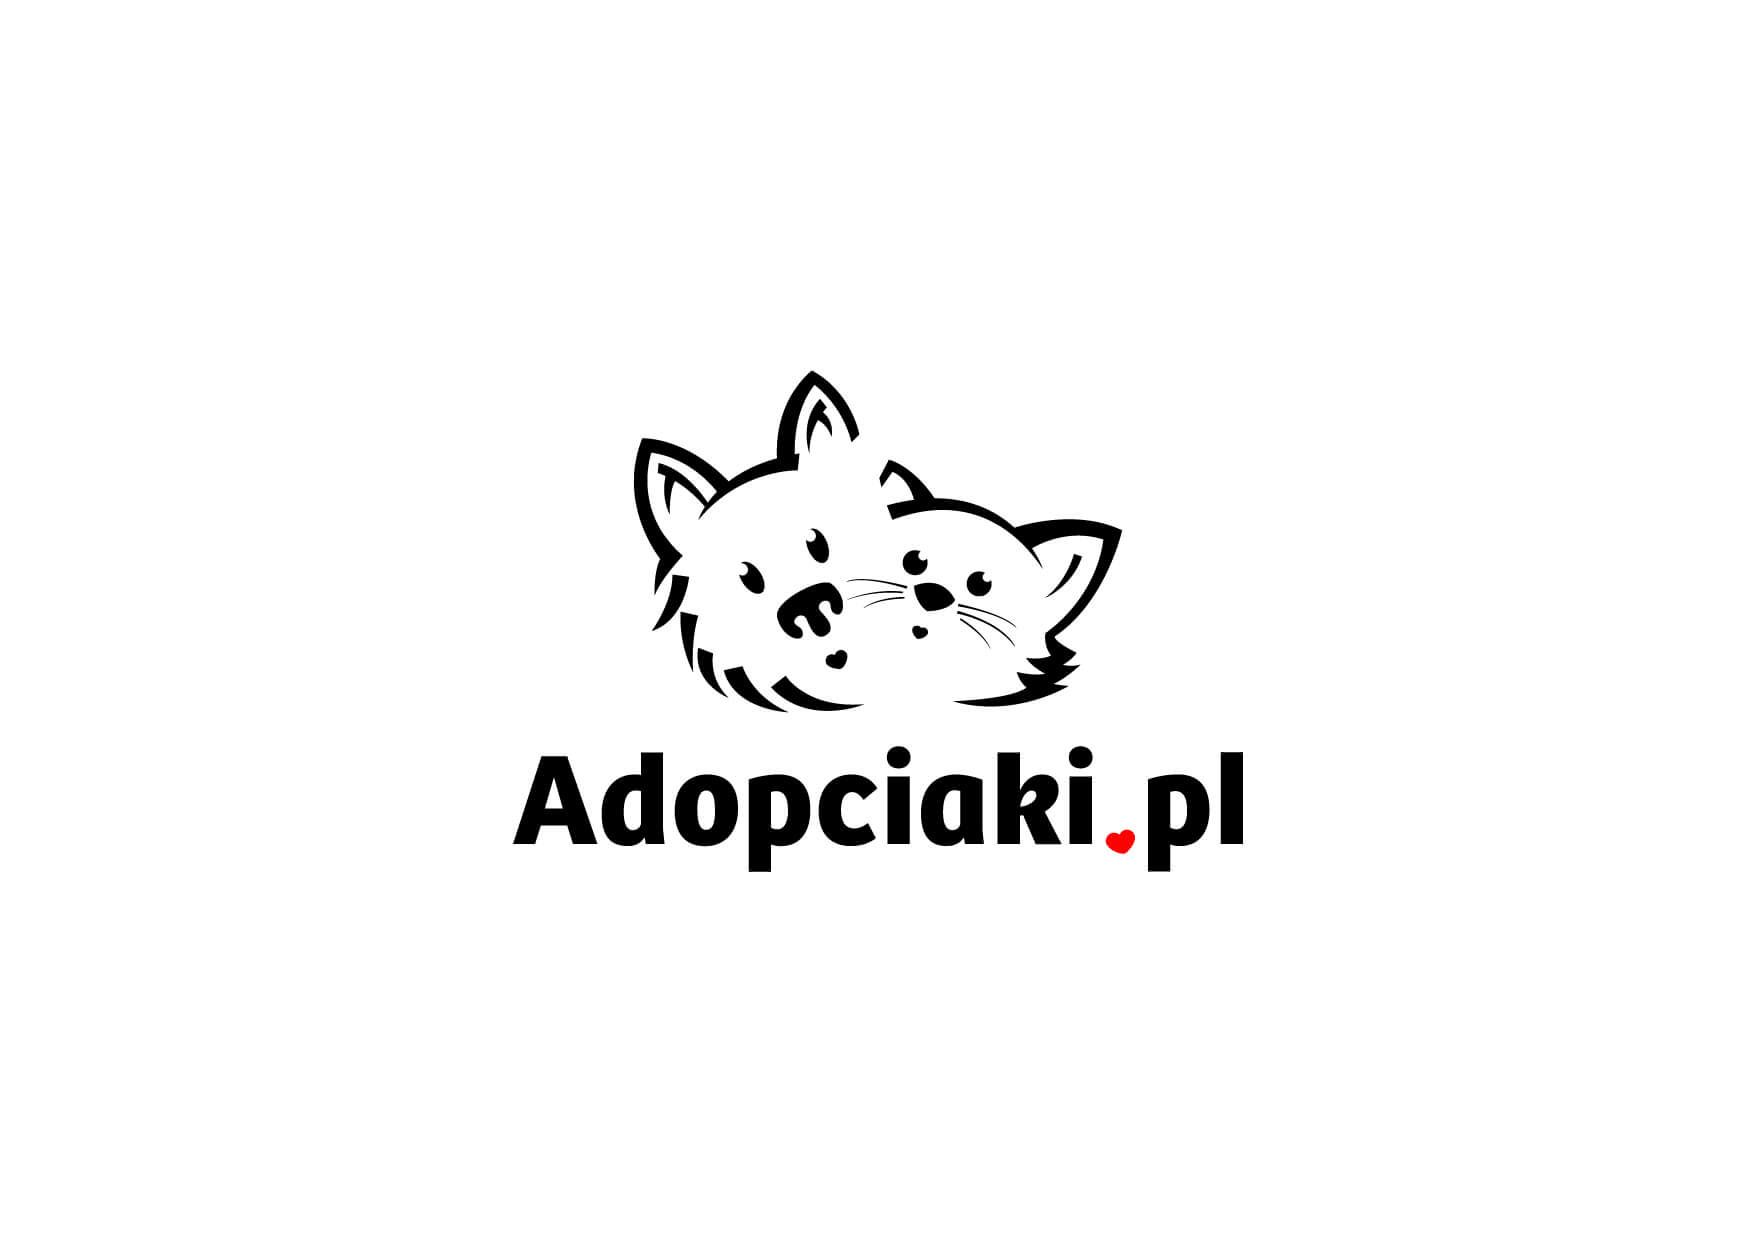 Logo Adopciaki.pl – Gdynia